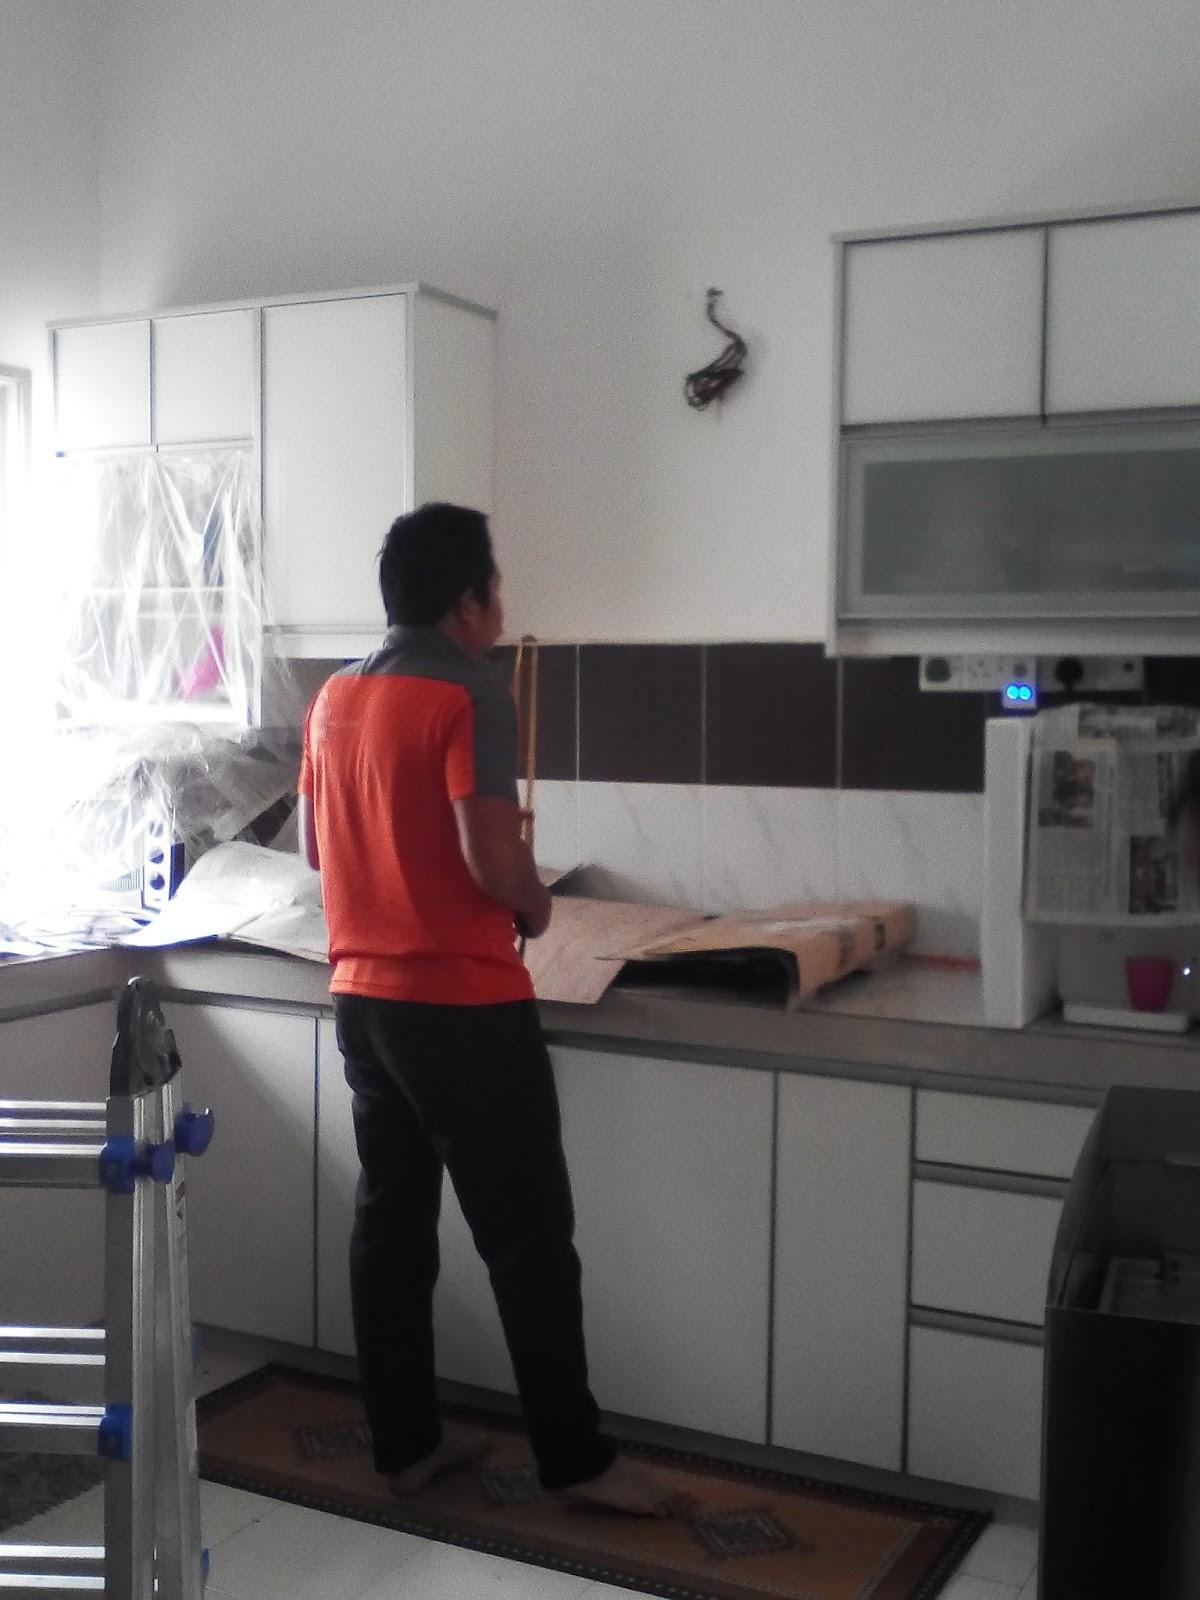 Datang Rumah Kita Untuk Survey Dapur Tengok Macam Mana Design Nak Pasang Semua Lepas Tu Baru Orang Yang In Charge Bahagian Installation Ni